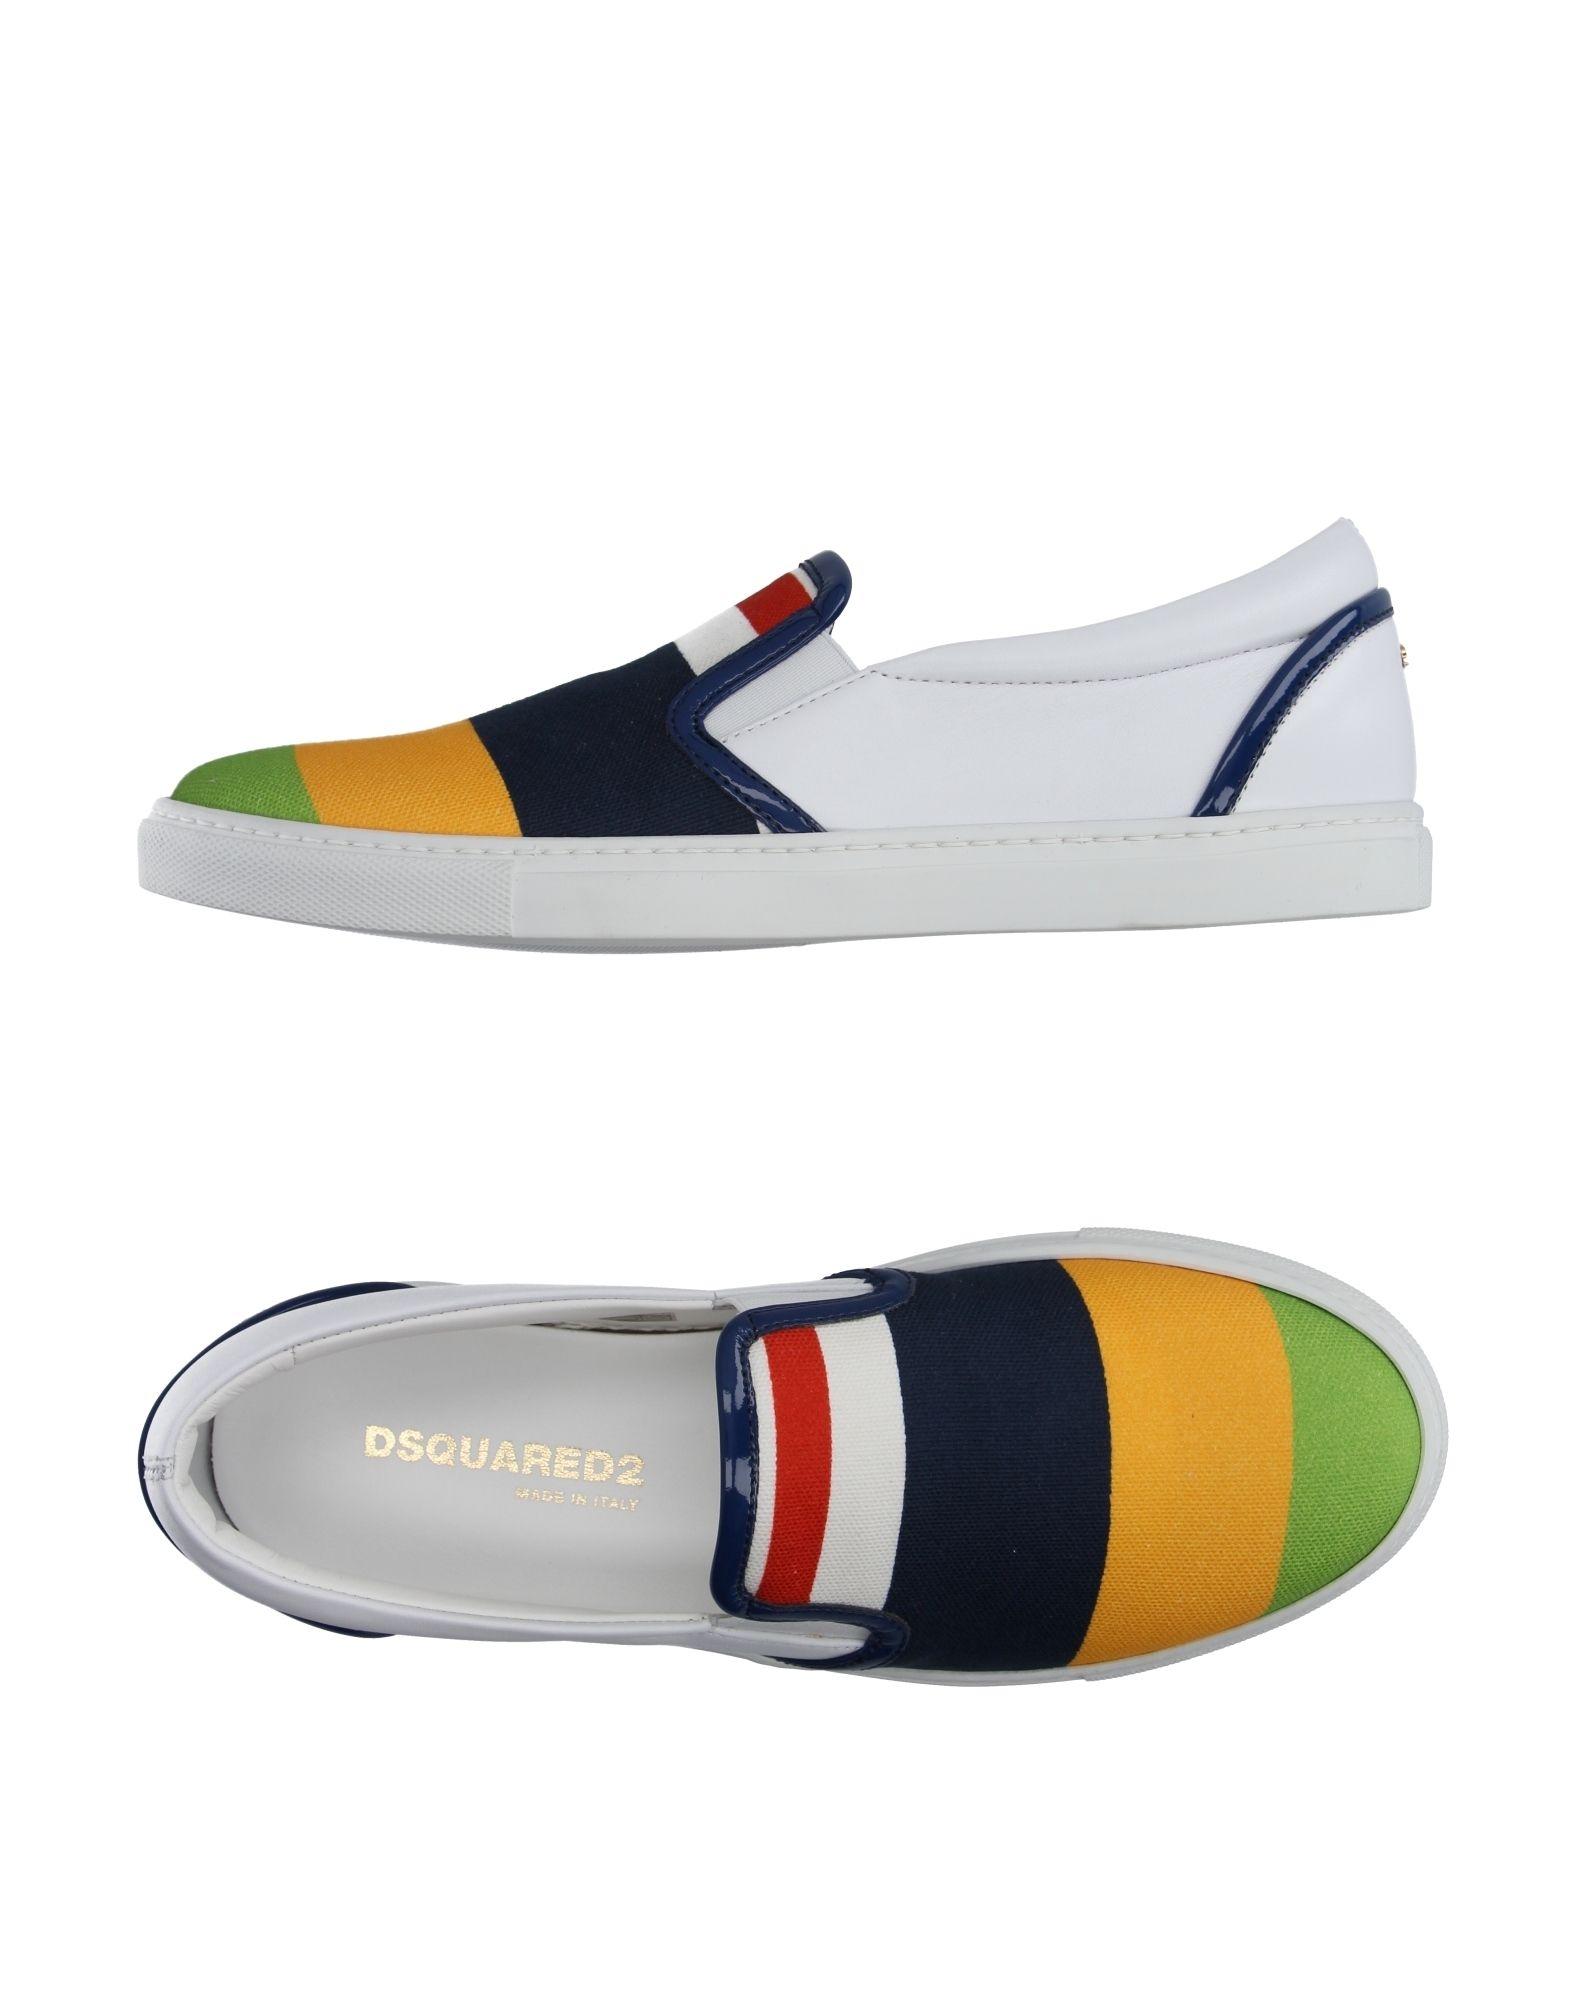 Moda Sneakers Dsquared2 Donna Donna Dsquared2 - 11066422JA 98c1f4